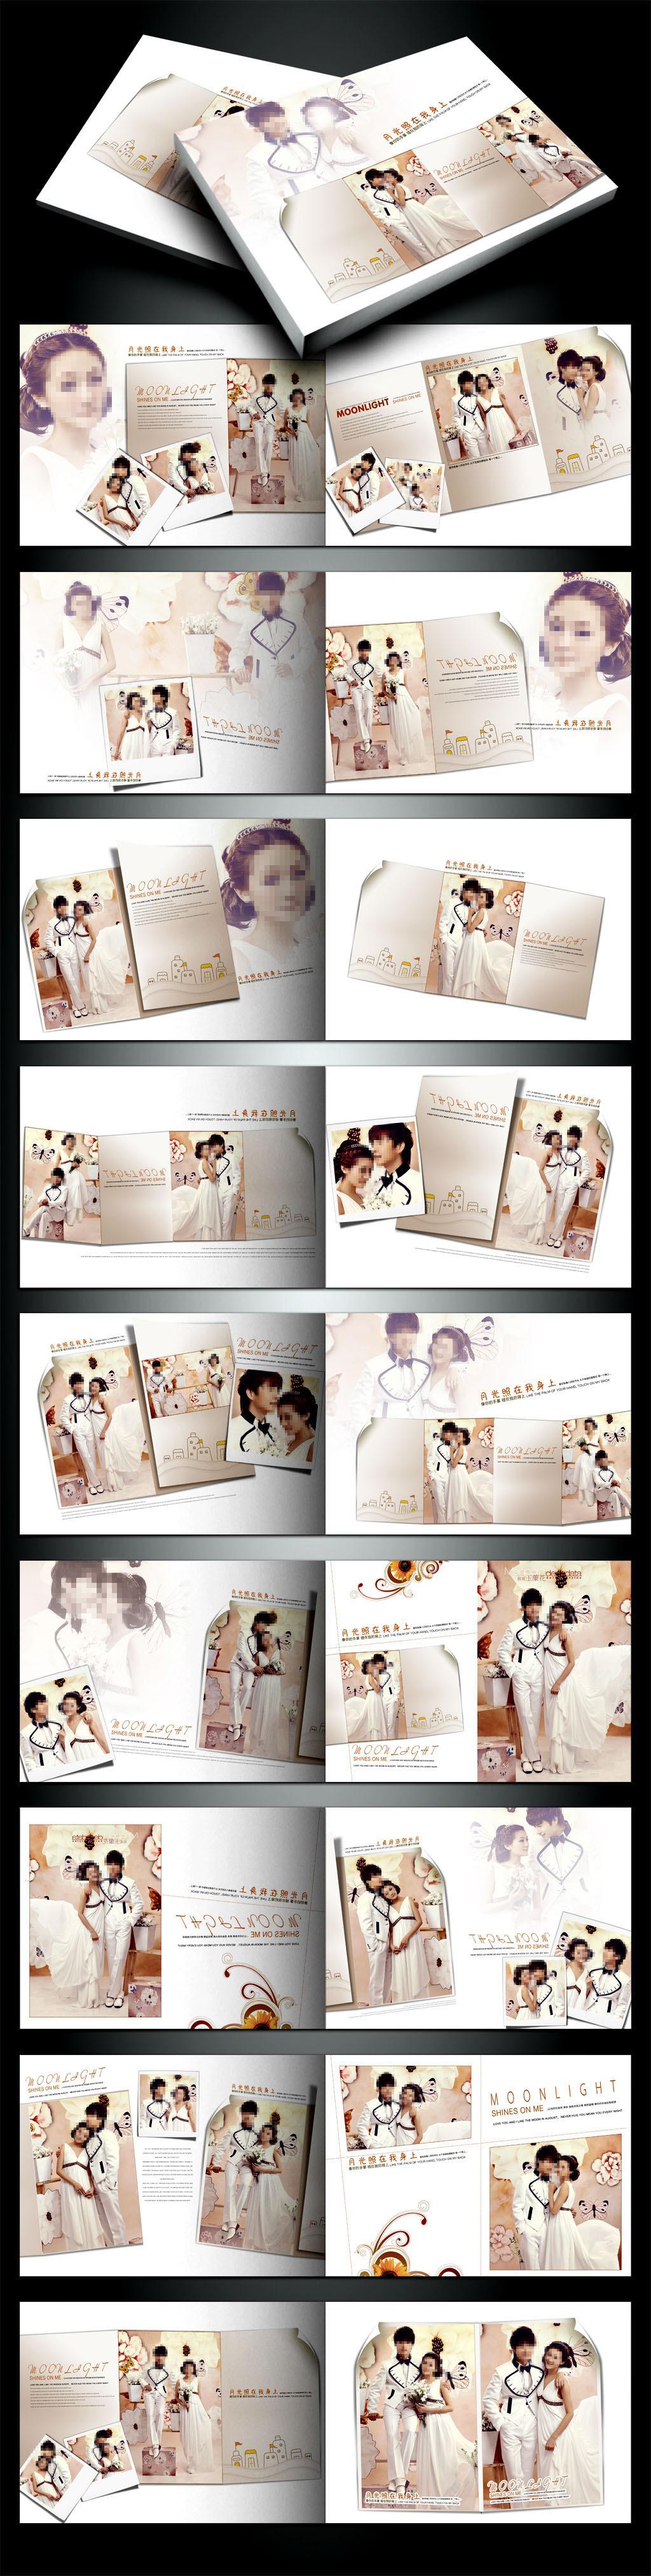 婚纱摄影公司画册相册模板